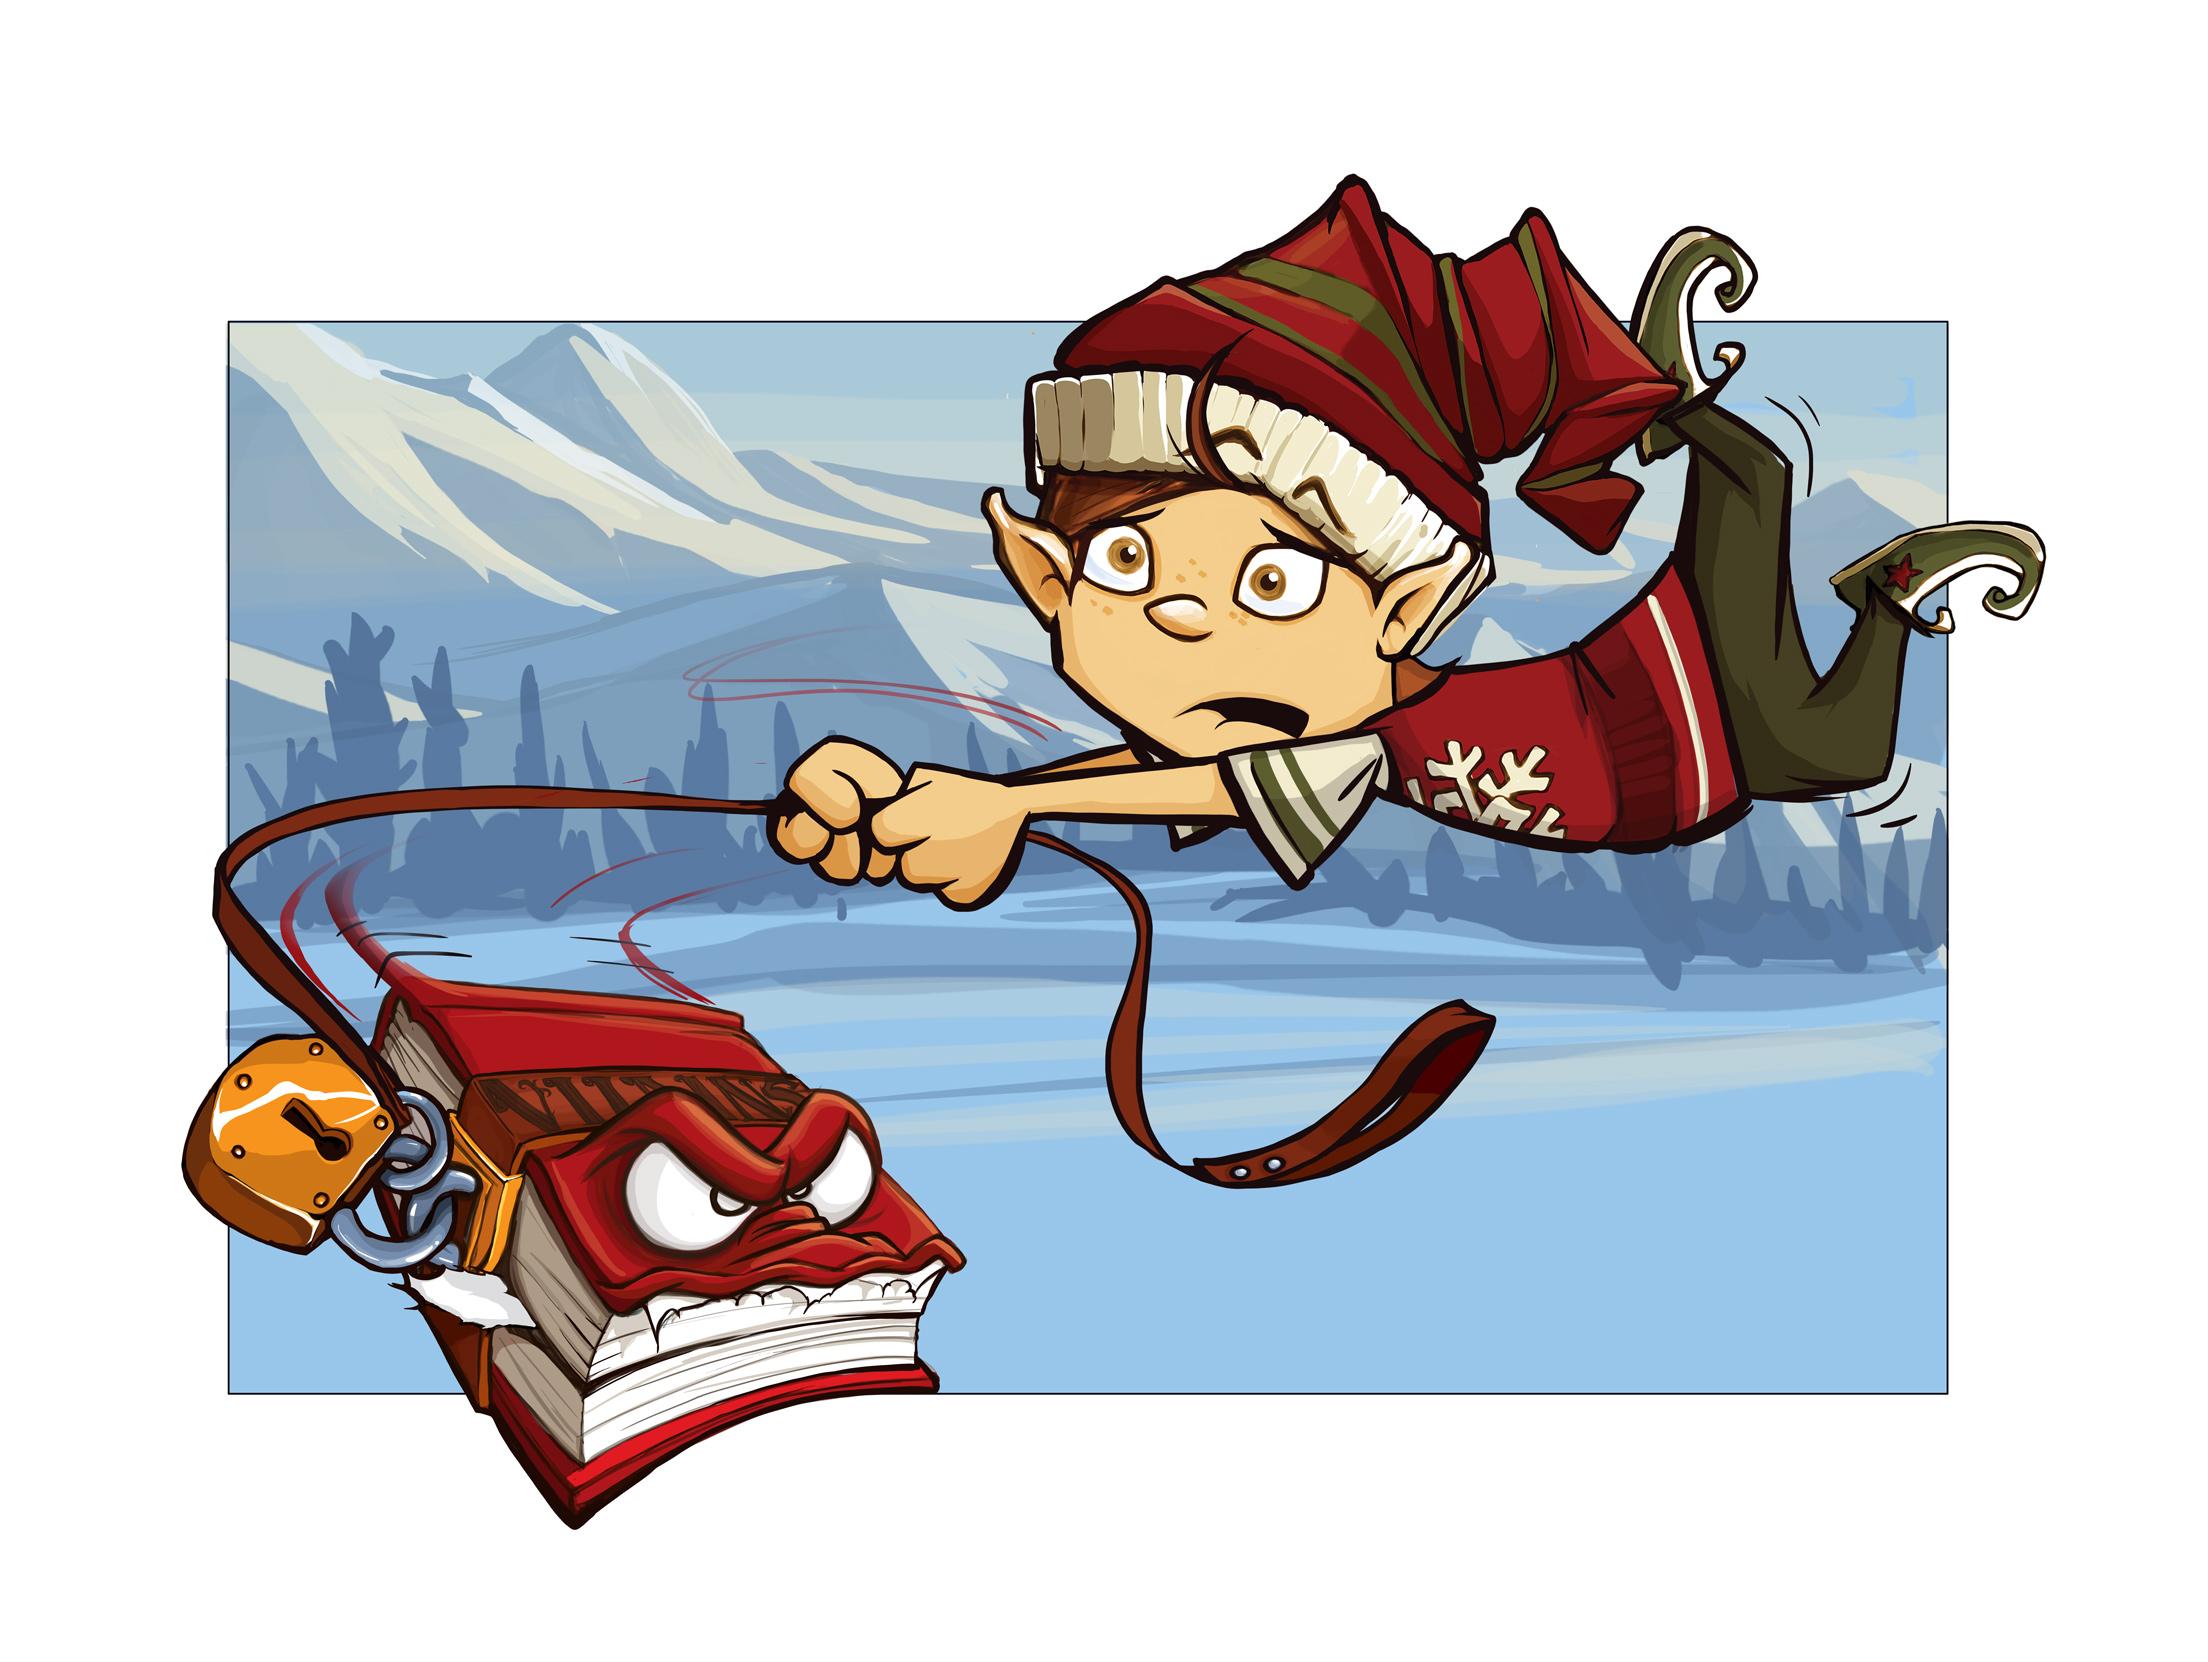 Slush the Elf and Pout- Christmas